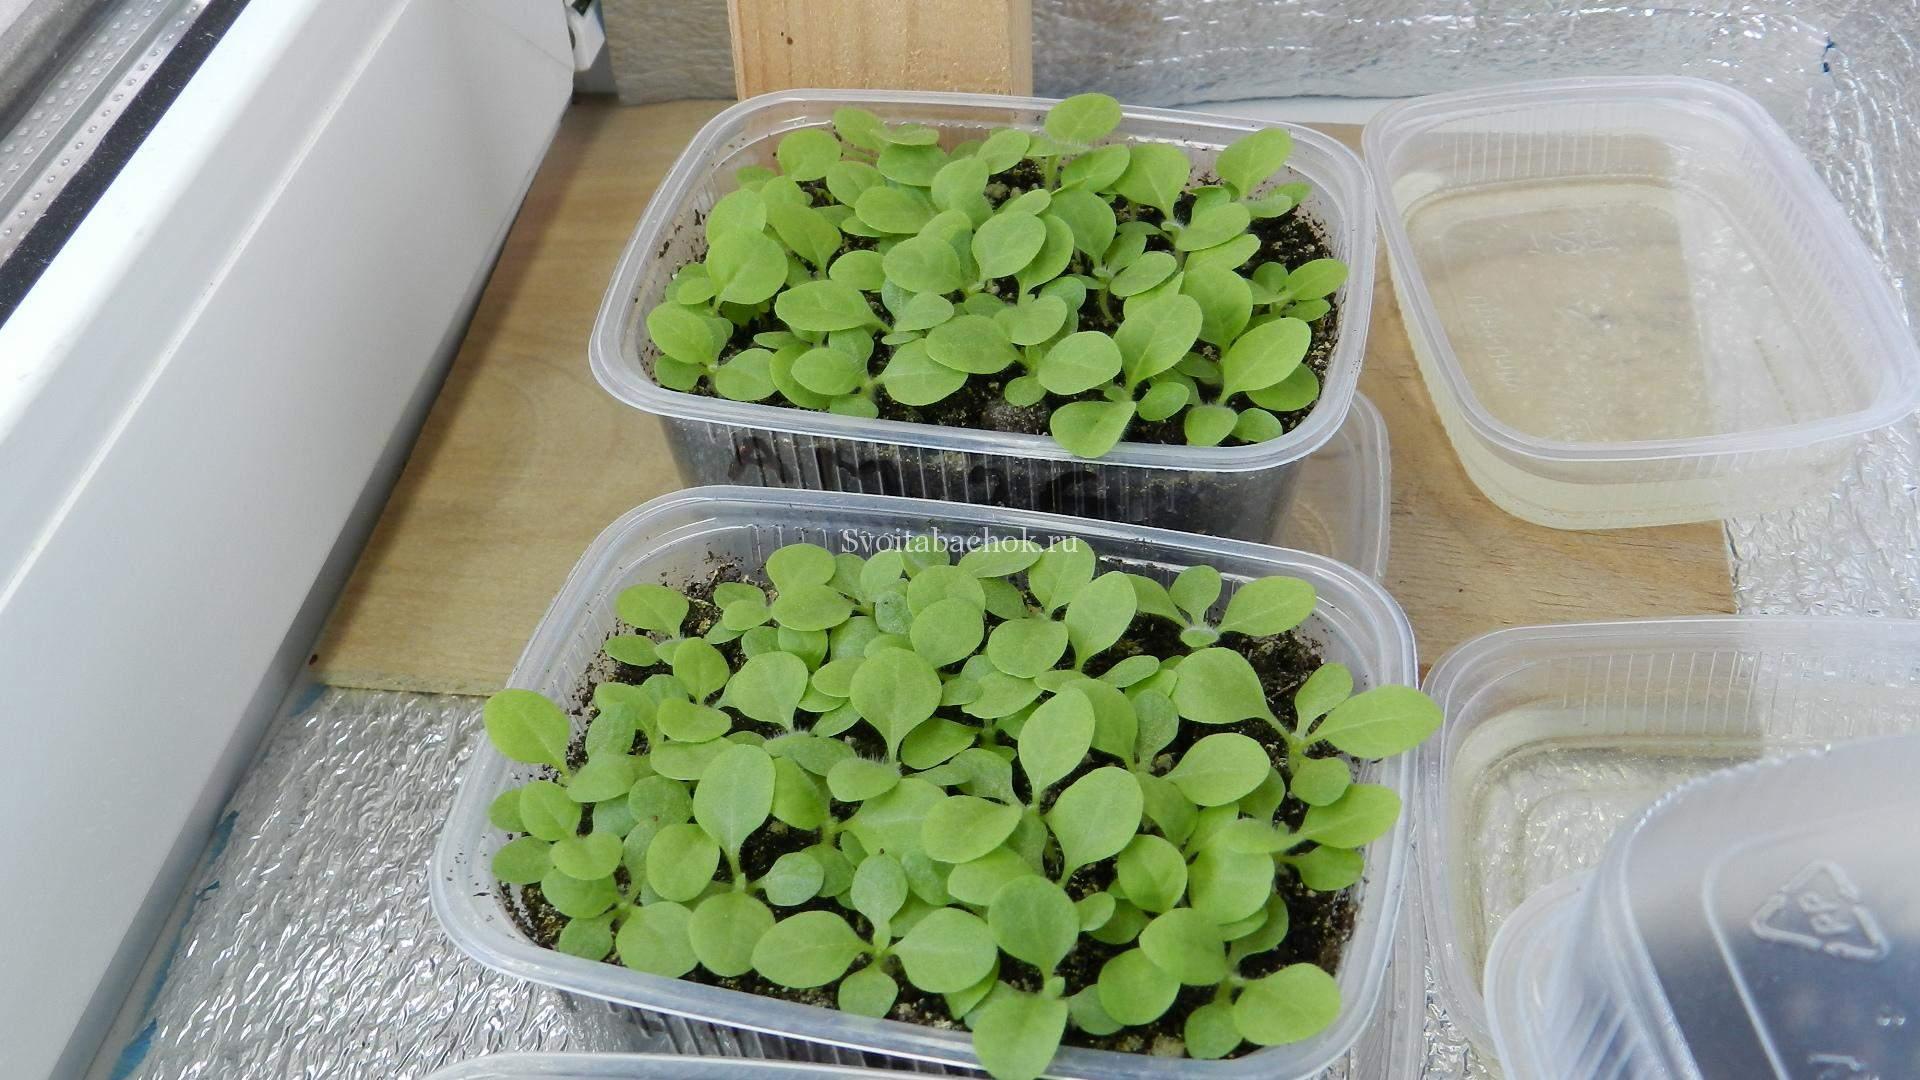 Выращивание и обработка табака в домашних условиях 87